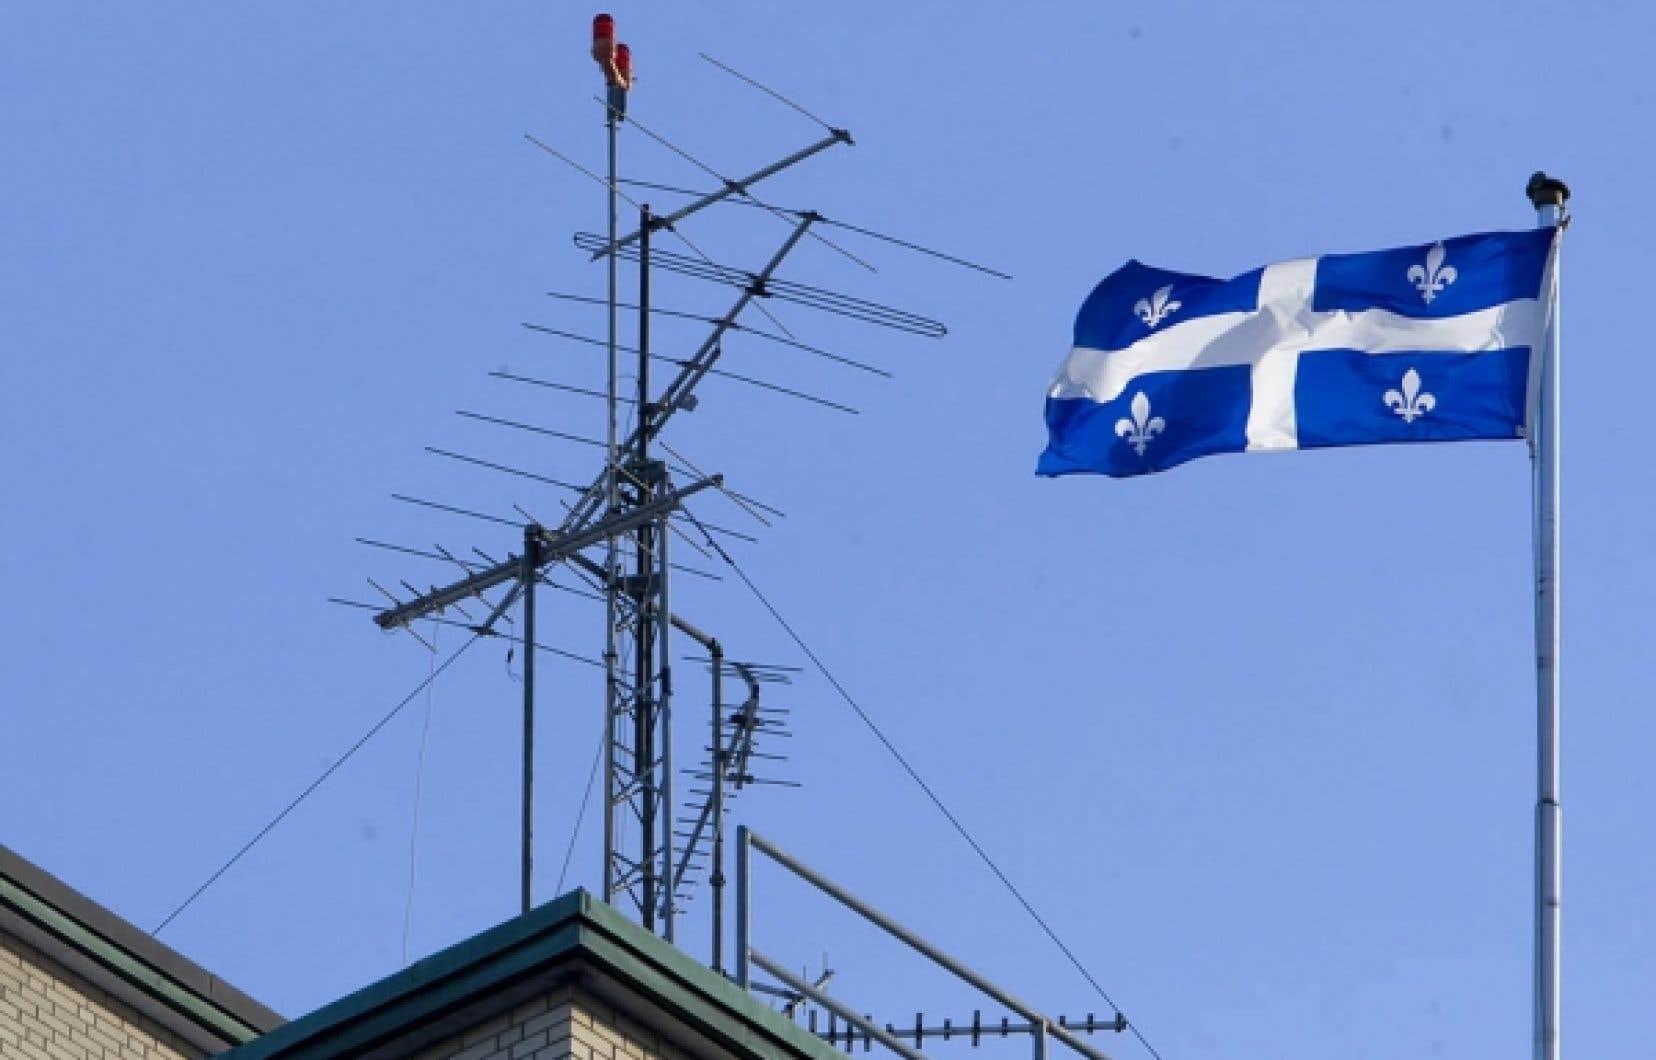 Selon le relevé réalisé par Mme Marie-Michèle Poisson, de Villeray-Refuse, c'est l'hôpital Pierre-Boucher de Longueuil qui a le record au Québec, avec 66 antennes sur son toit. Cet établissement de santé a des contrats avec Videotron (6 antennes), Rogers (36 antennes), Bell (6 antennes) et Telus (18 antennes).